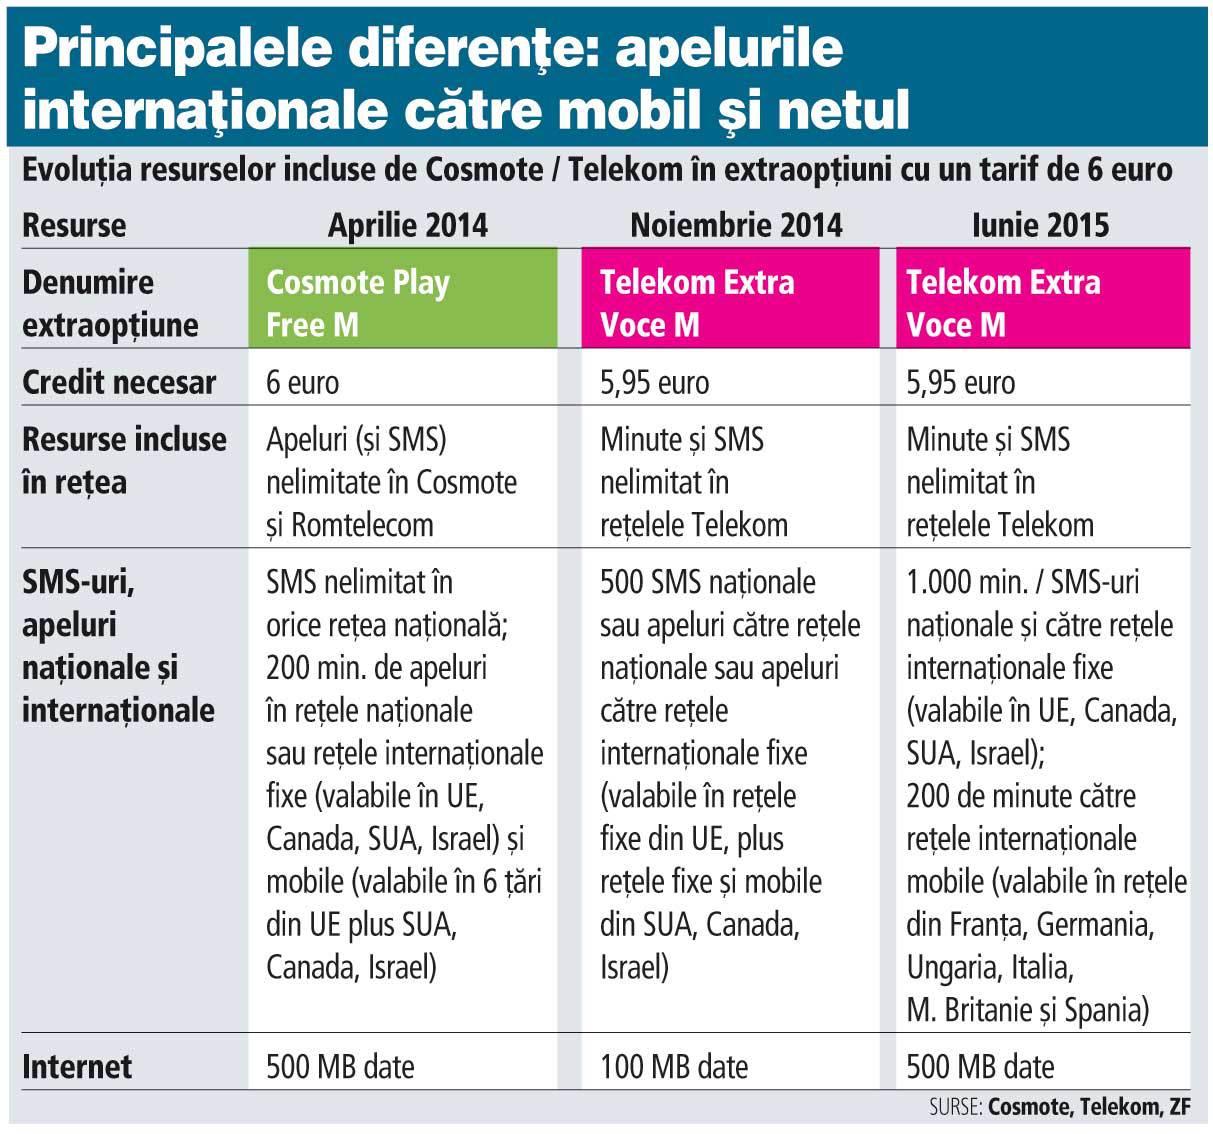 Telekom schimbă oferta la cartele, a doua oară după rebrandingul din septembrie anul trecut